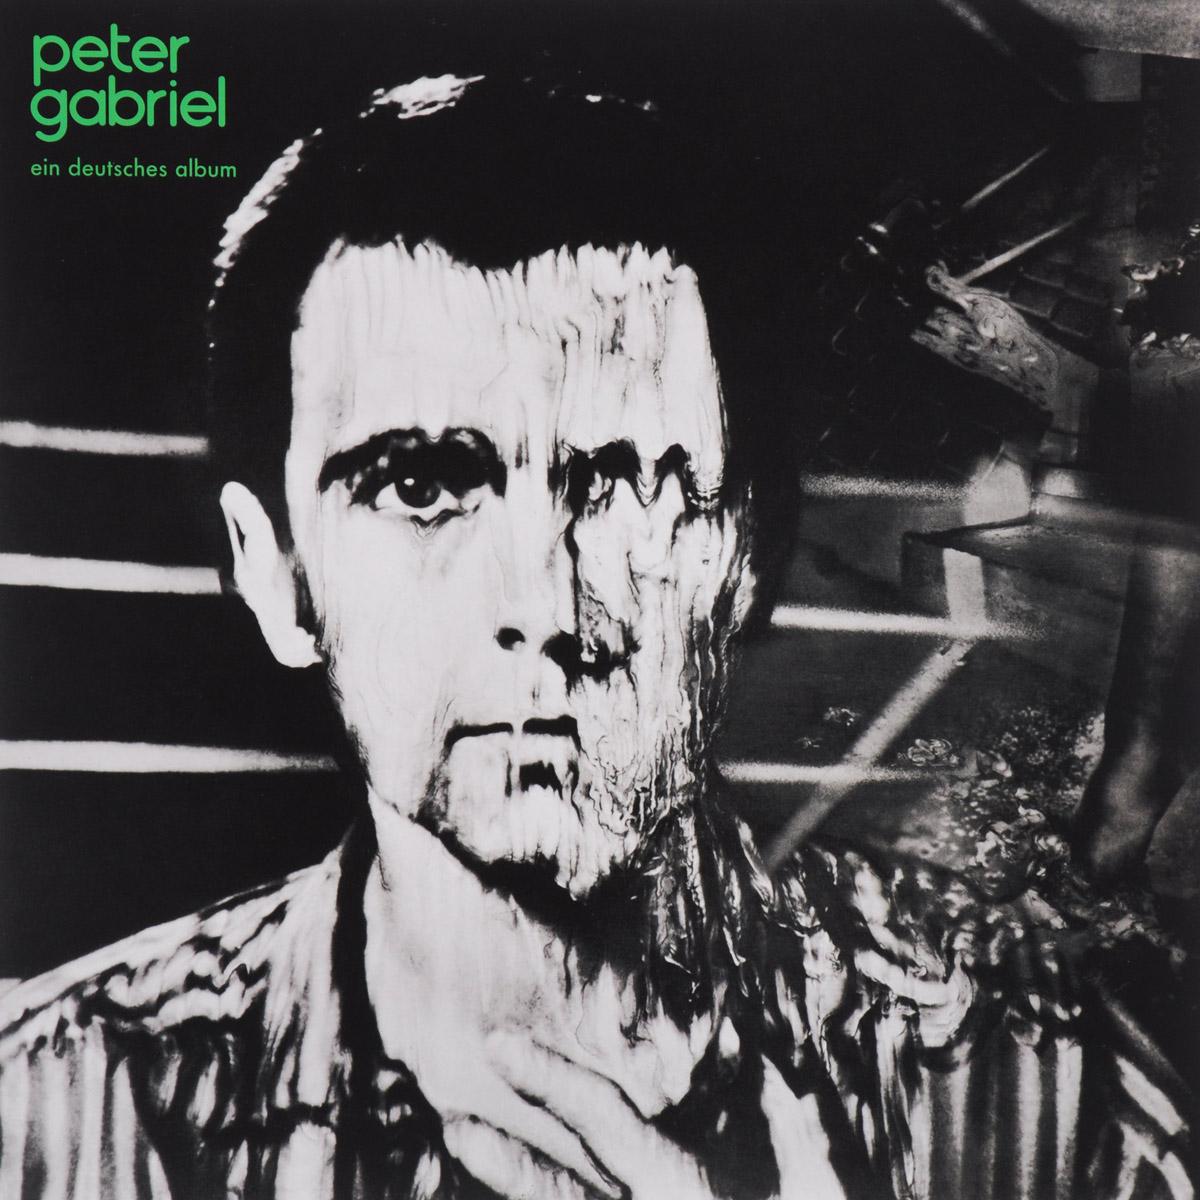 Питер Гэбриэл Peter Gabriel. Ein Deutsches Album. Remastered Edition (LP) питер гэбриэл peter gabriel the second solo album 2 lp